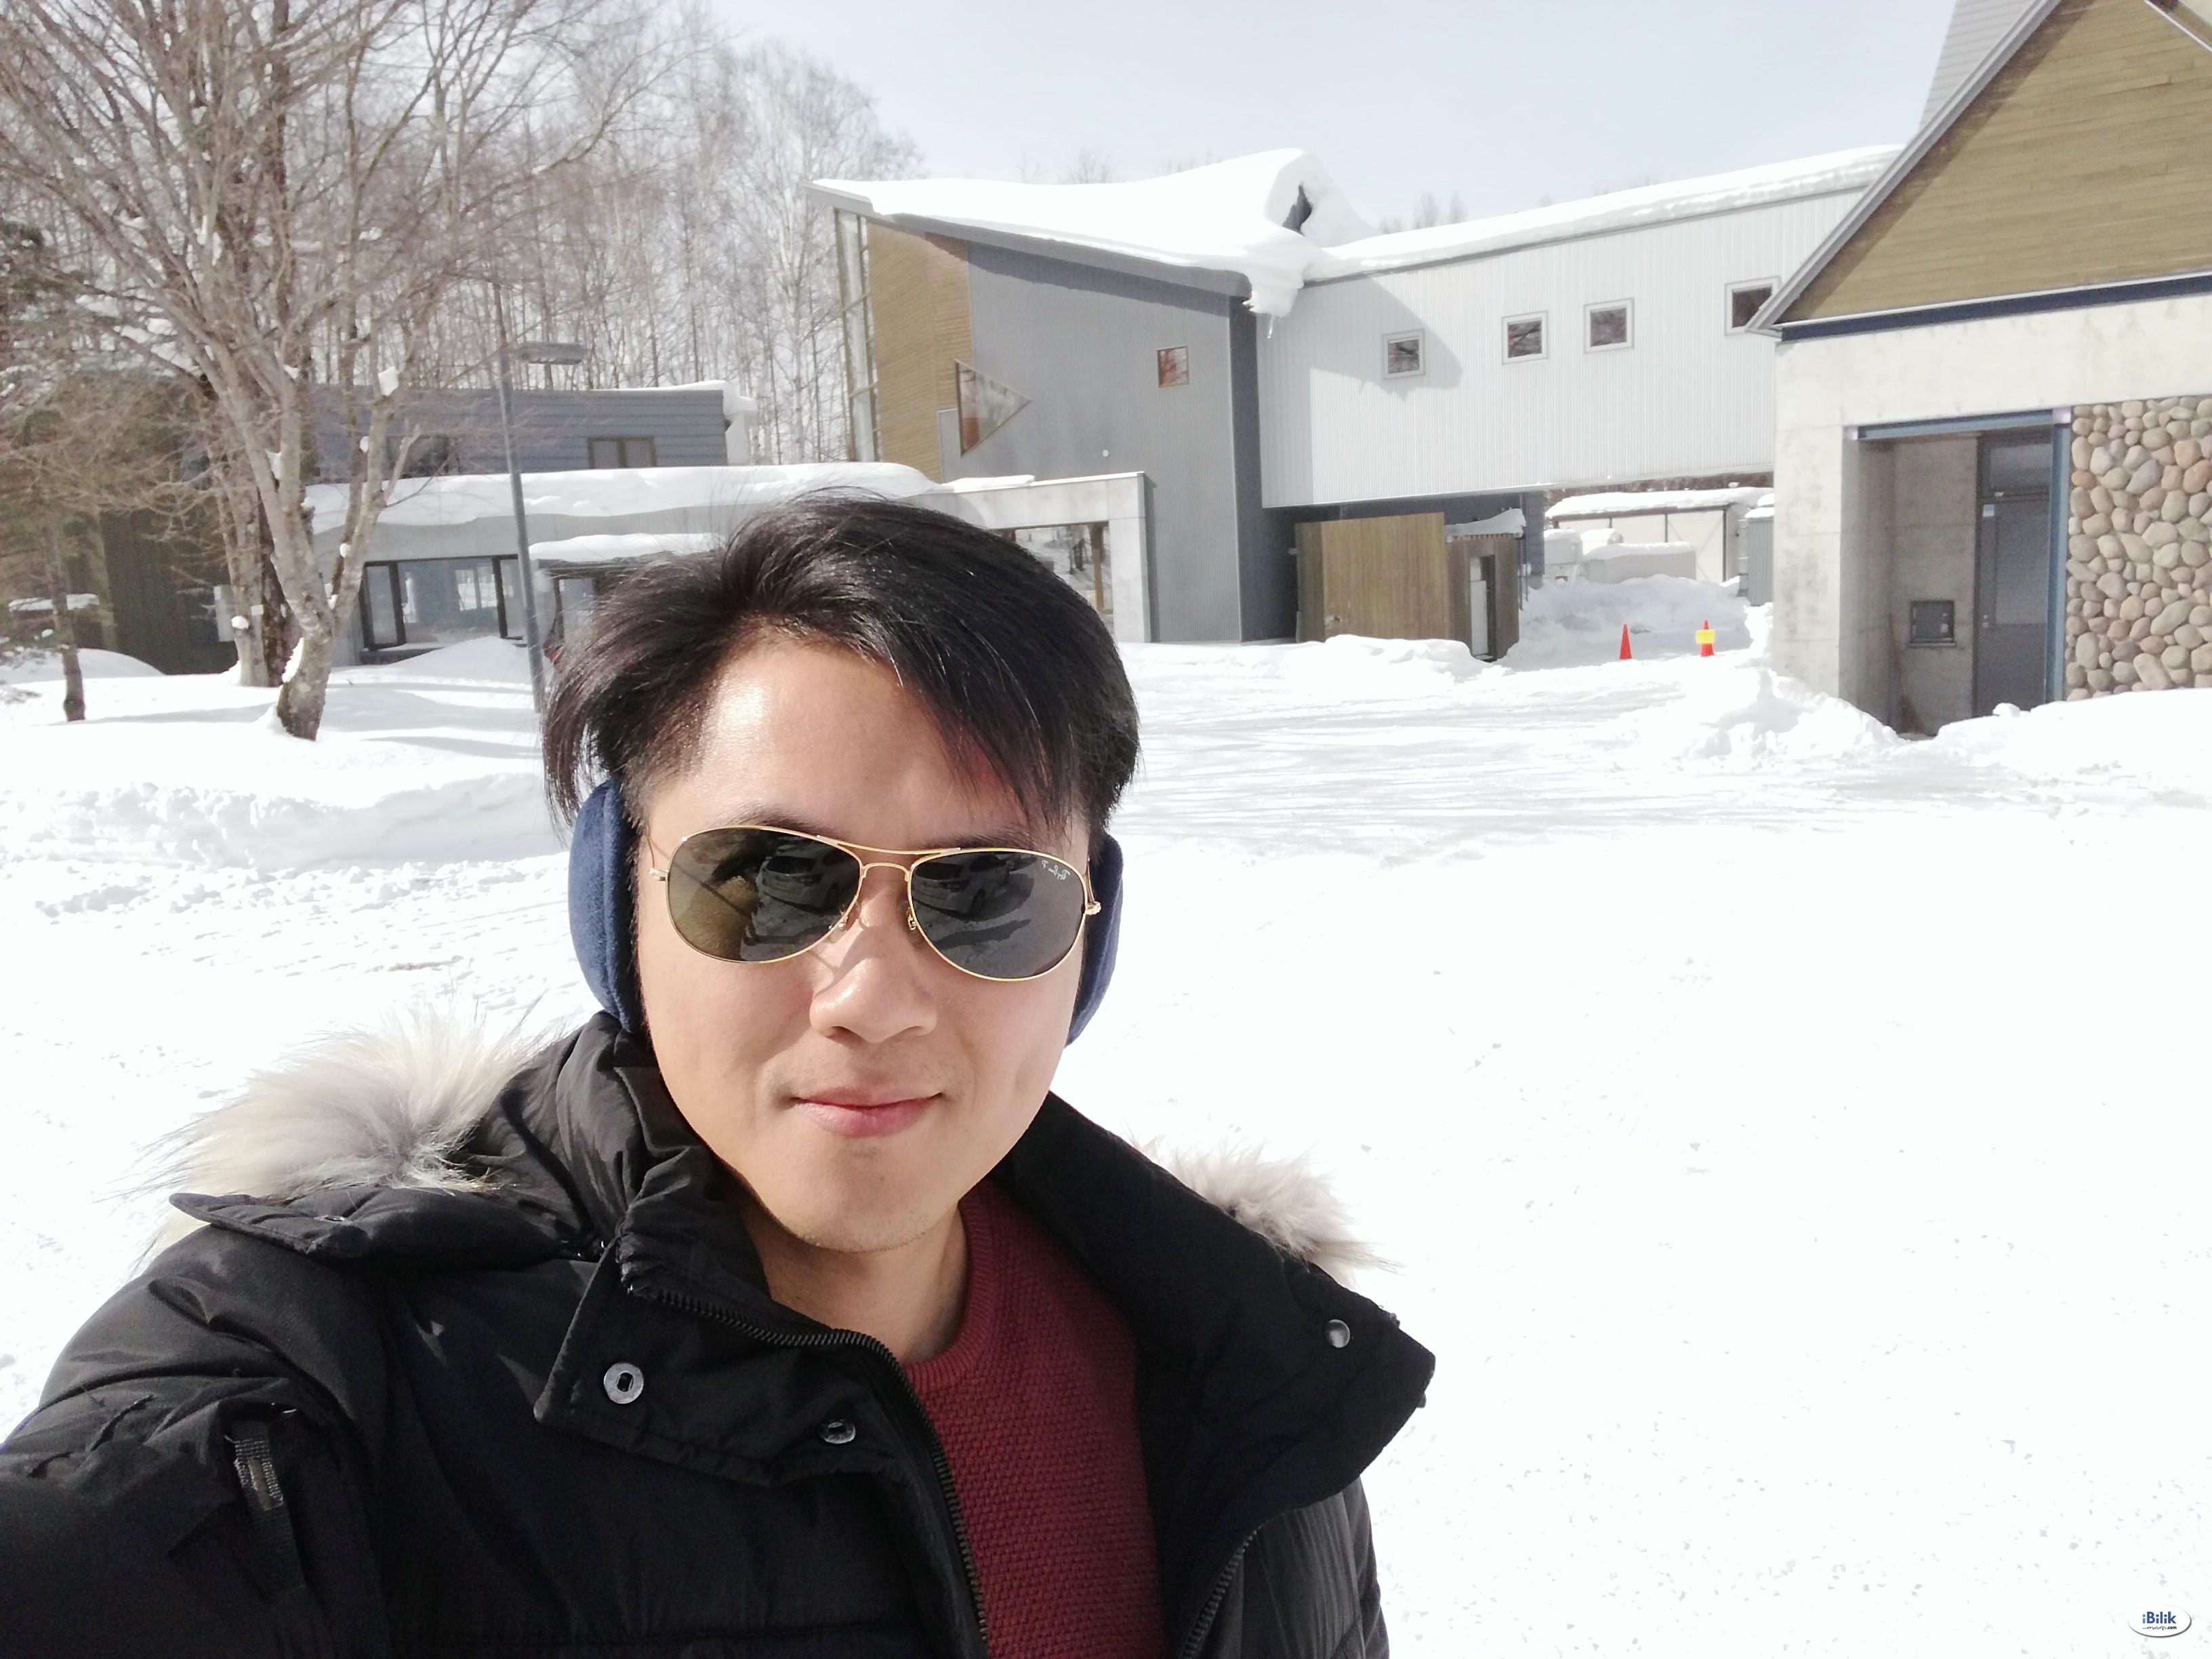 Winter Wong